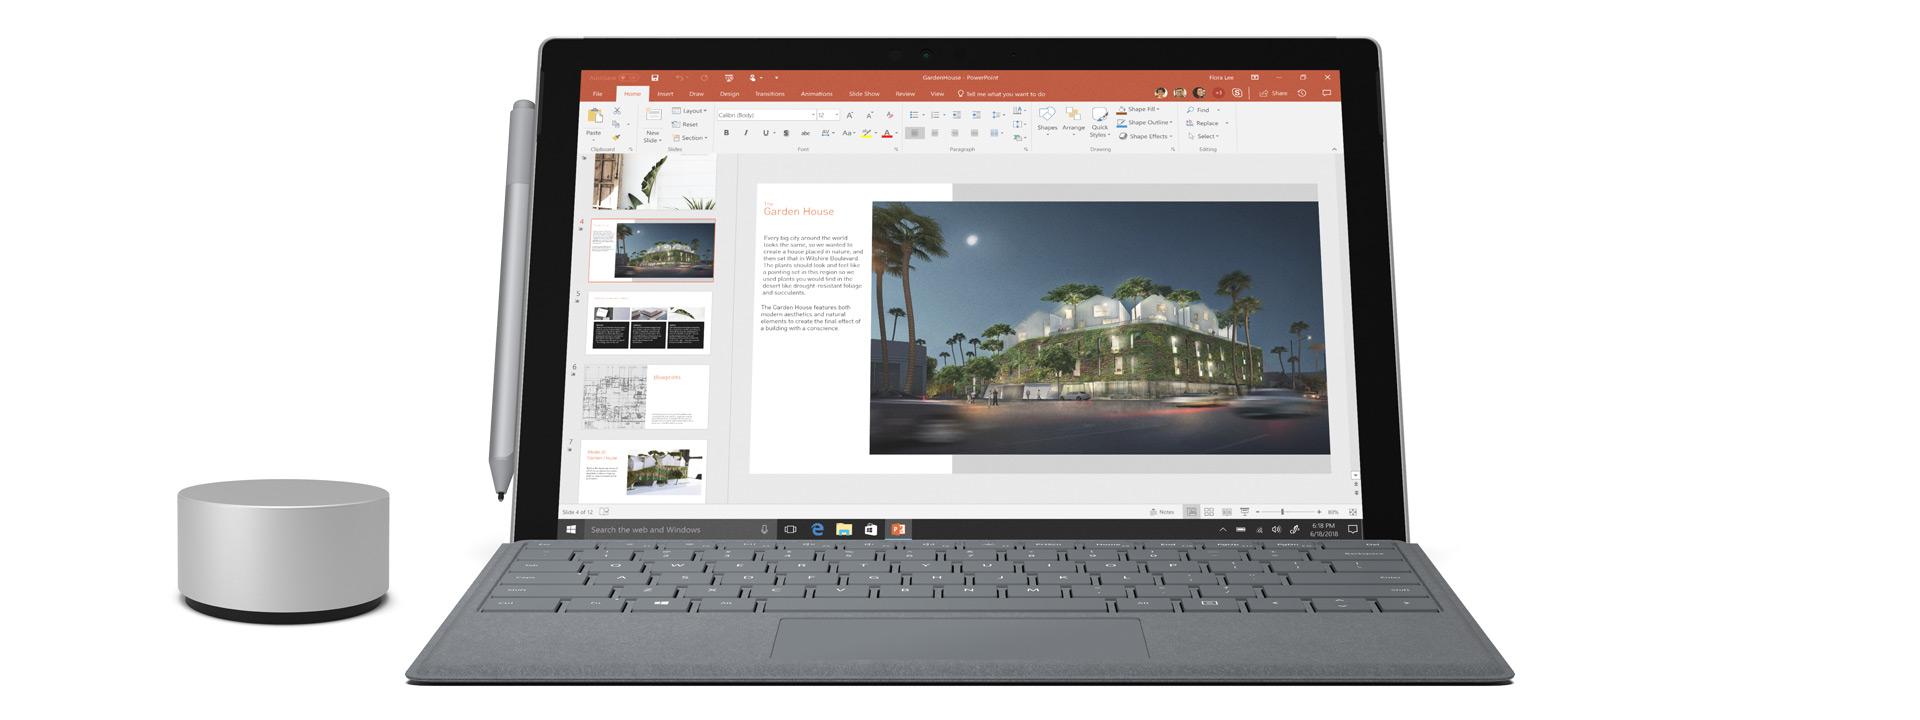 带特制版专业键盘盖、Surface 触控笔和 Surface Dial 的 Surface Pro